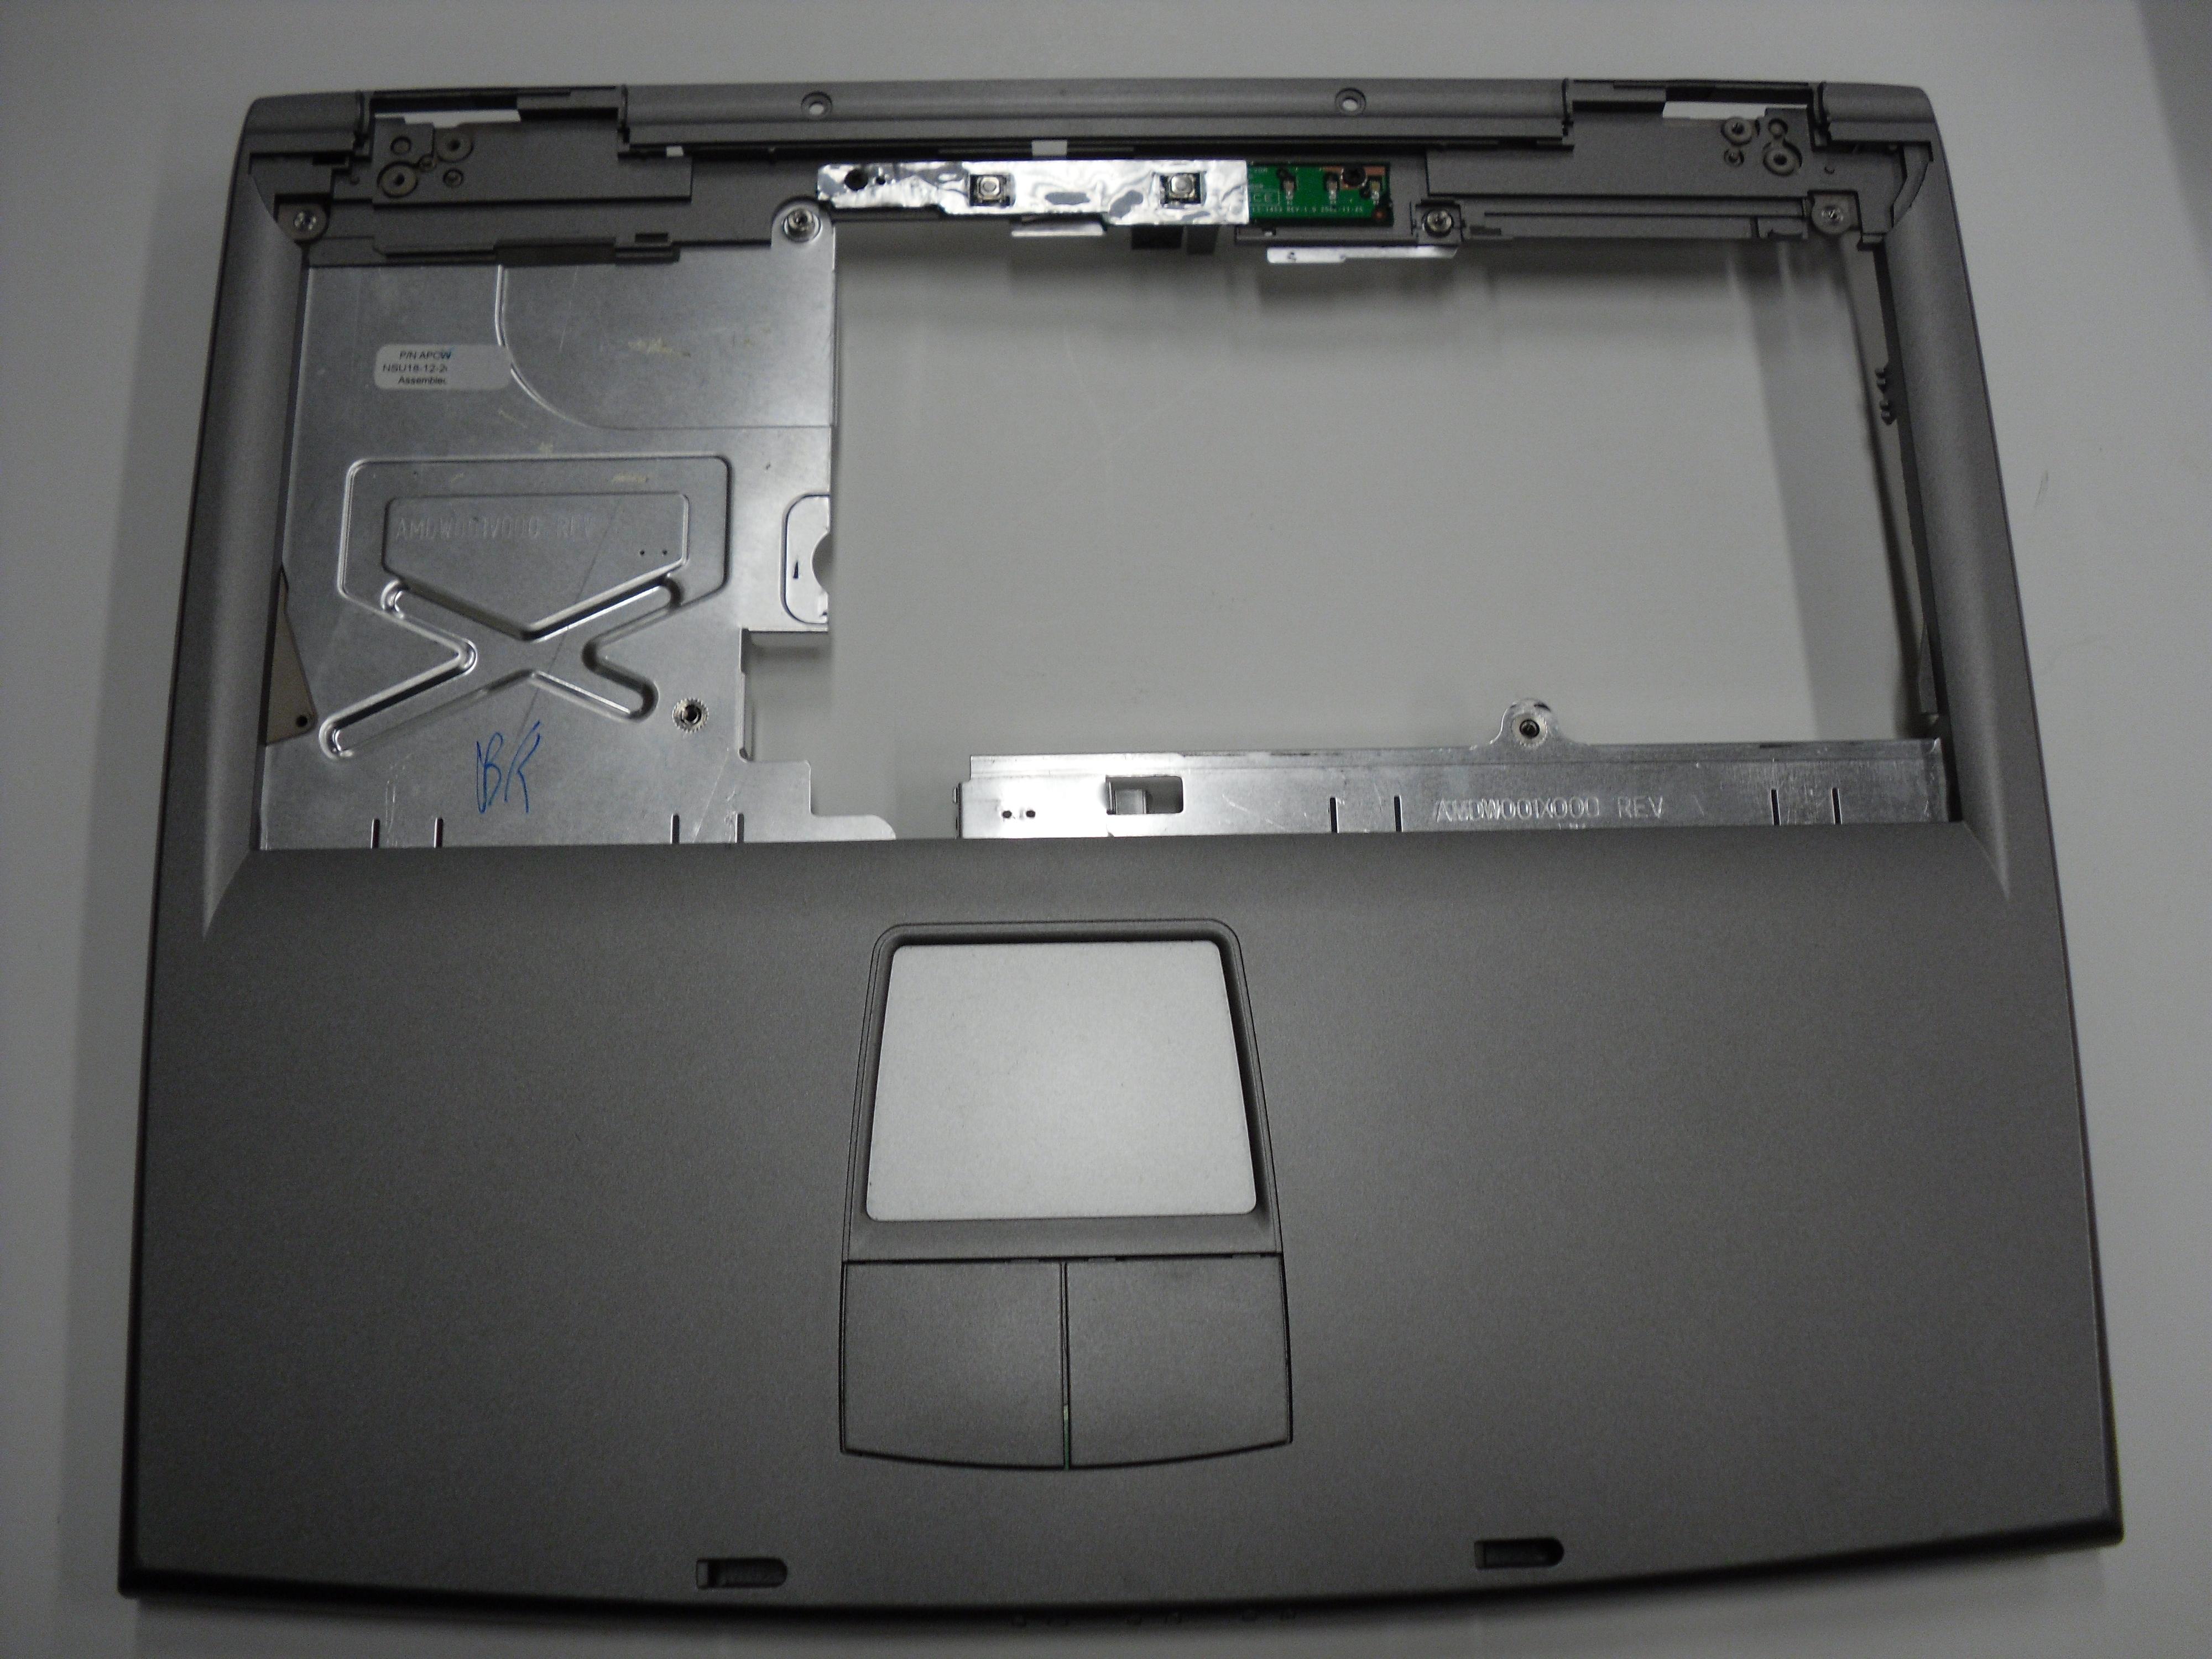 Dell inspiron 7437 service manual